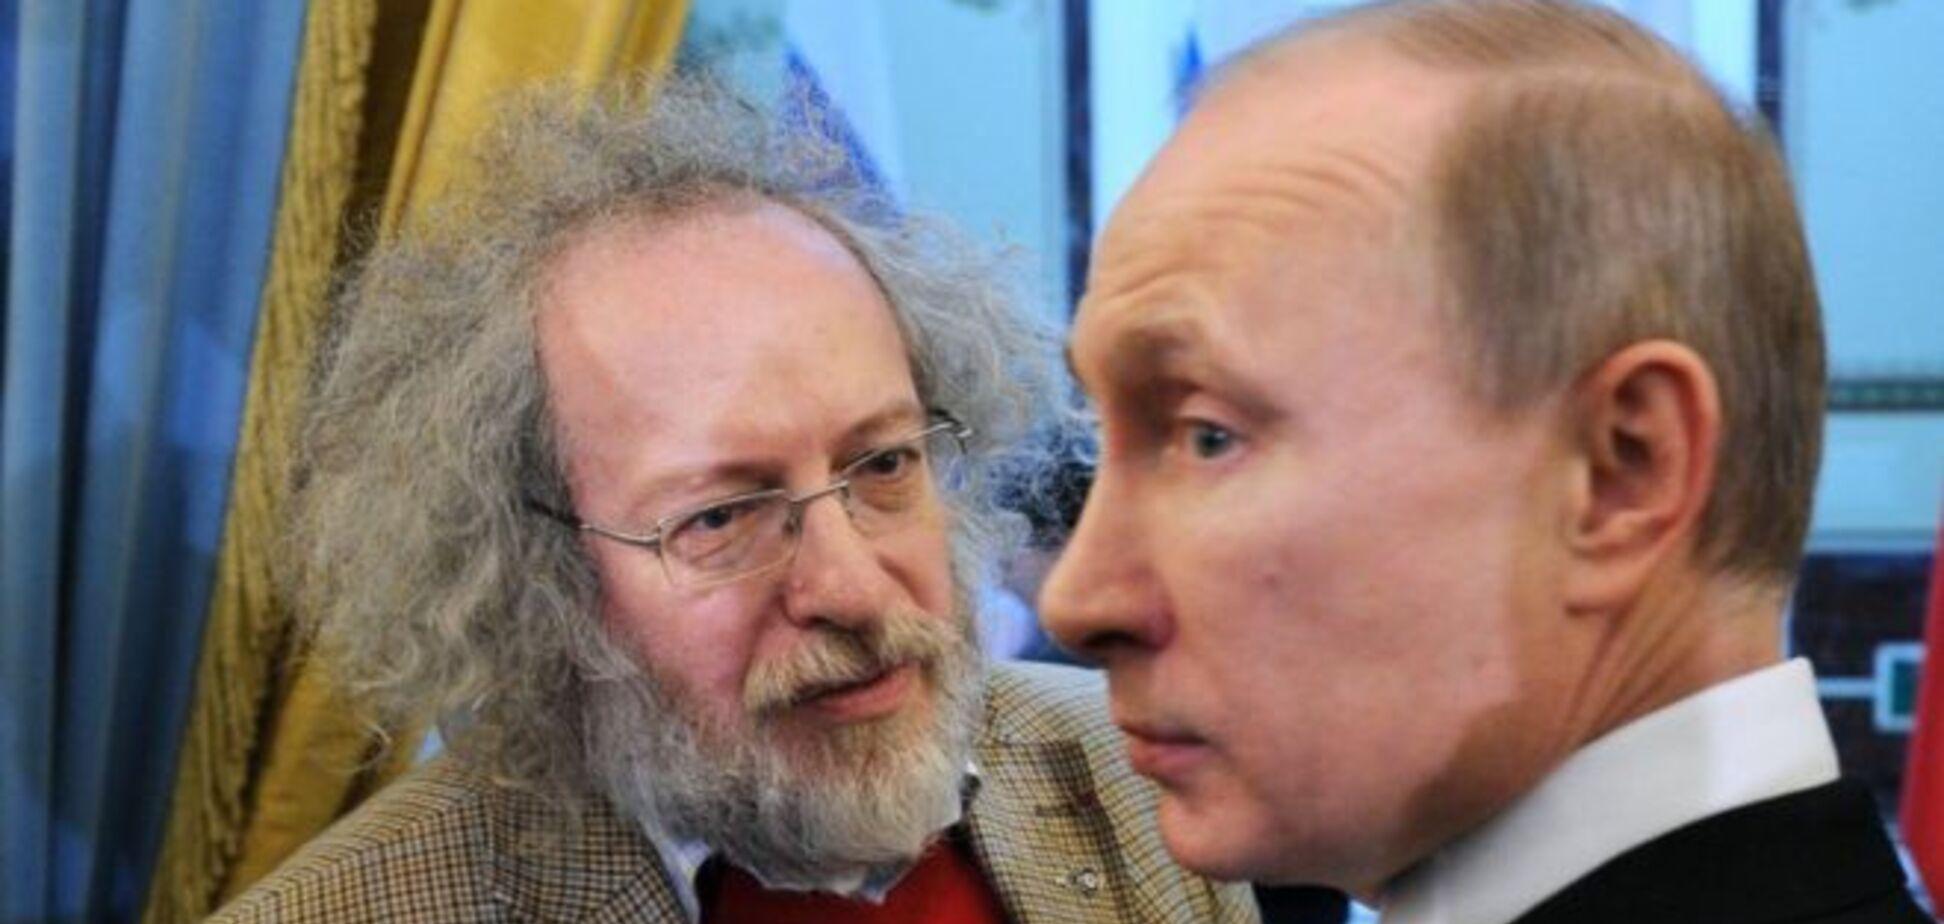 Связники Путина. Кто ведет диалог между Украиной и Россией